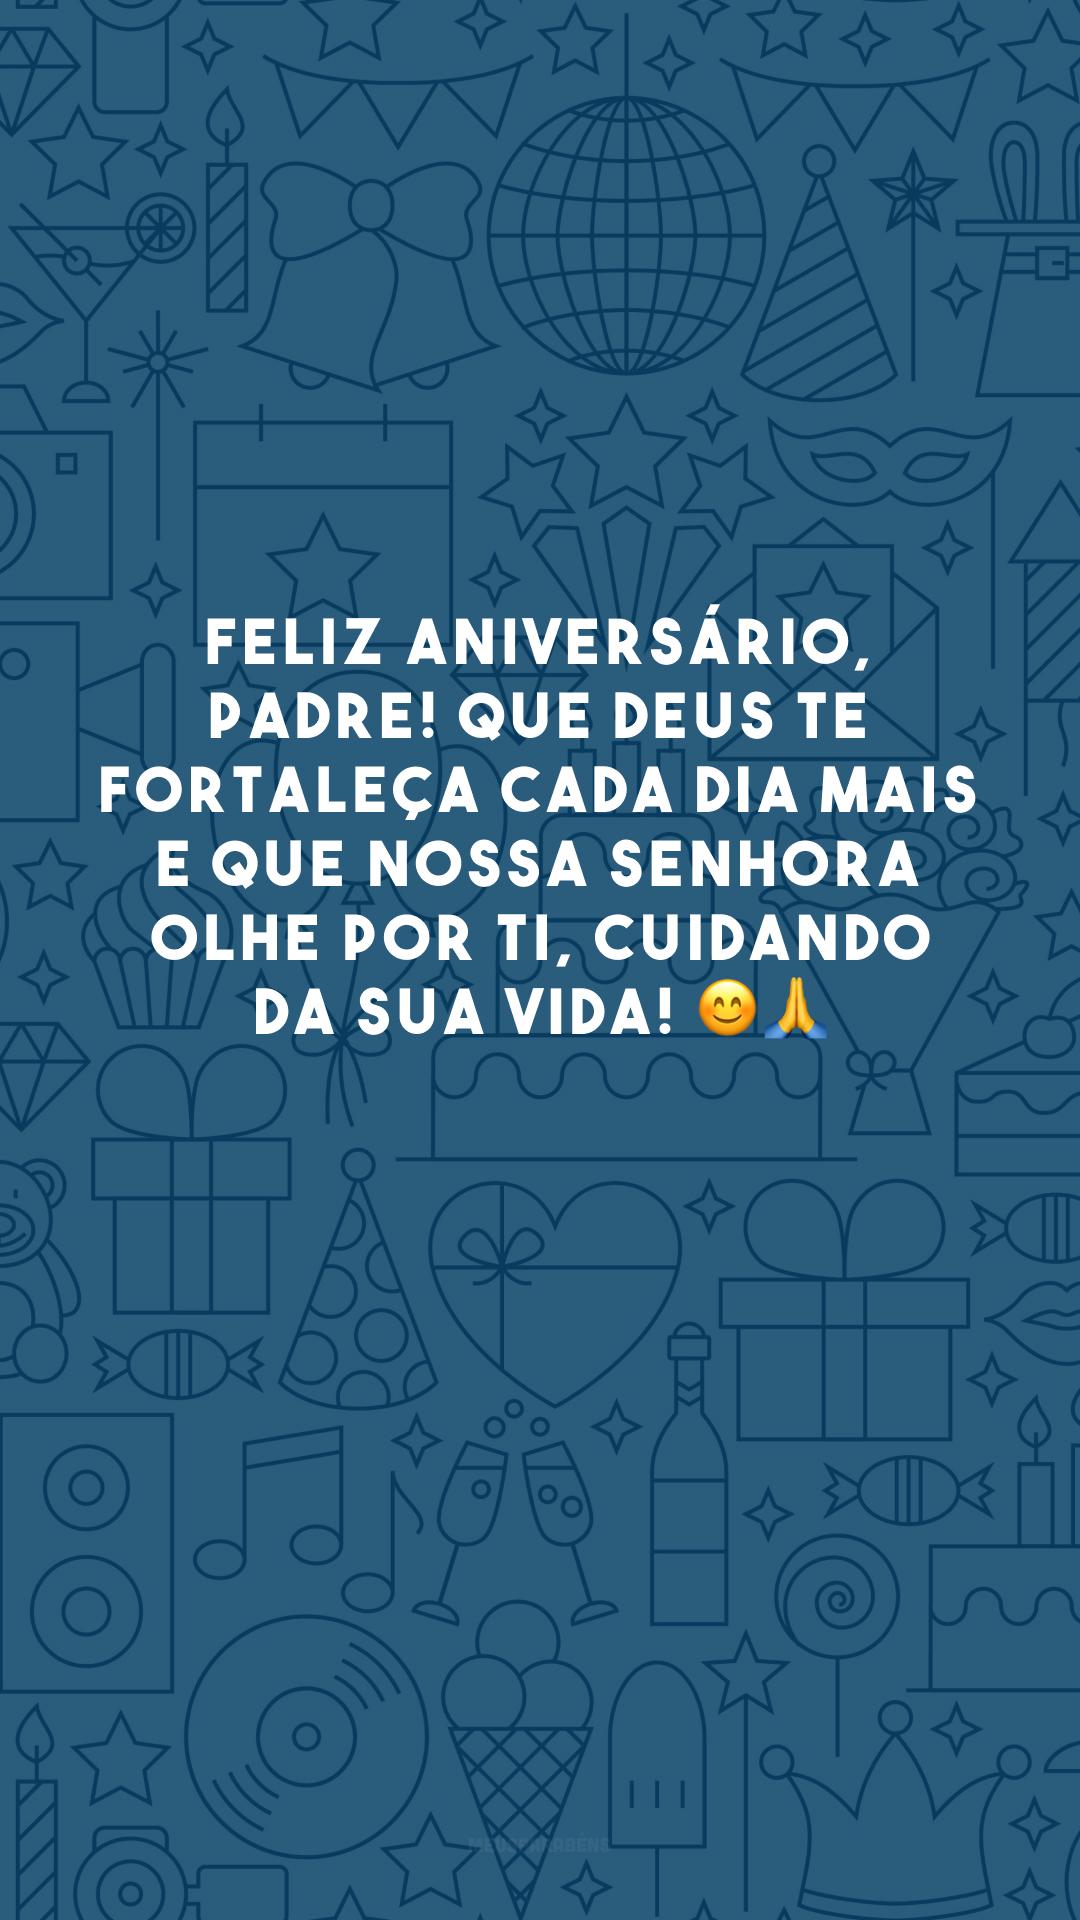 Feliz aniversário, padre! Que Deus te fortaleça cada dia mais e que Nossa Senhora olhe por ti, cuidando da sua vida! 😊🙏